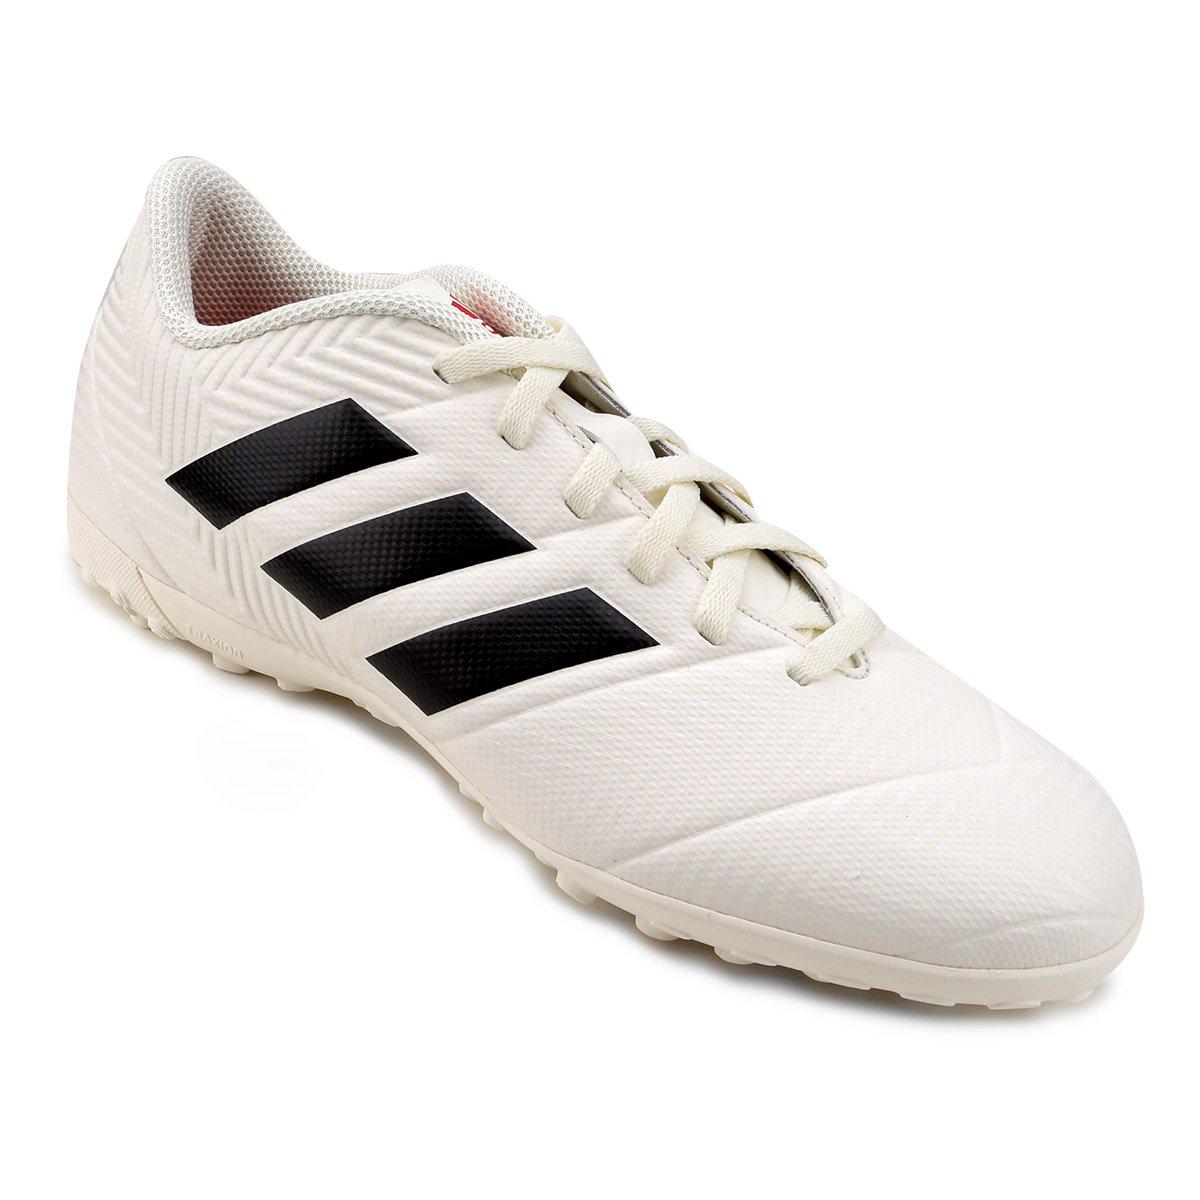 3addfc9d8fb30 Chuteira Society Adidas Nemeziz 18 4 TF - Branco e Preto - Compre Agora